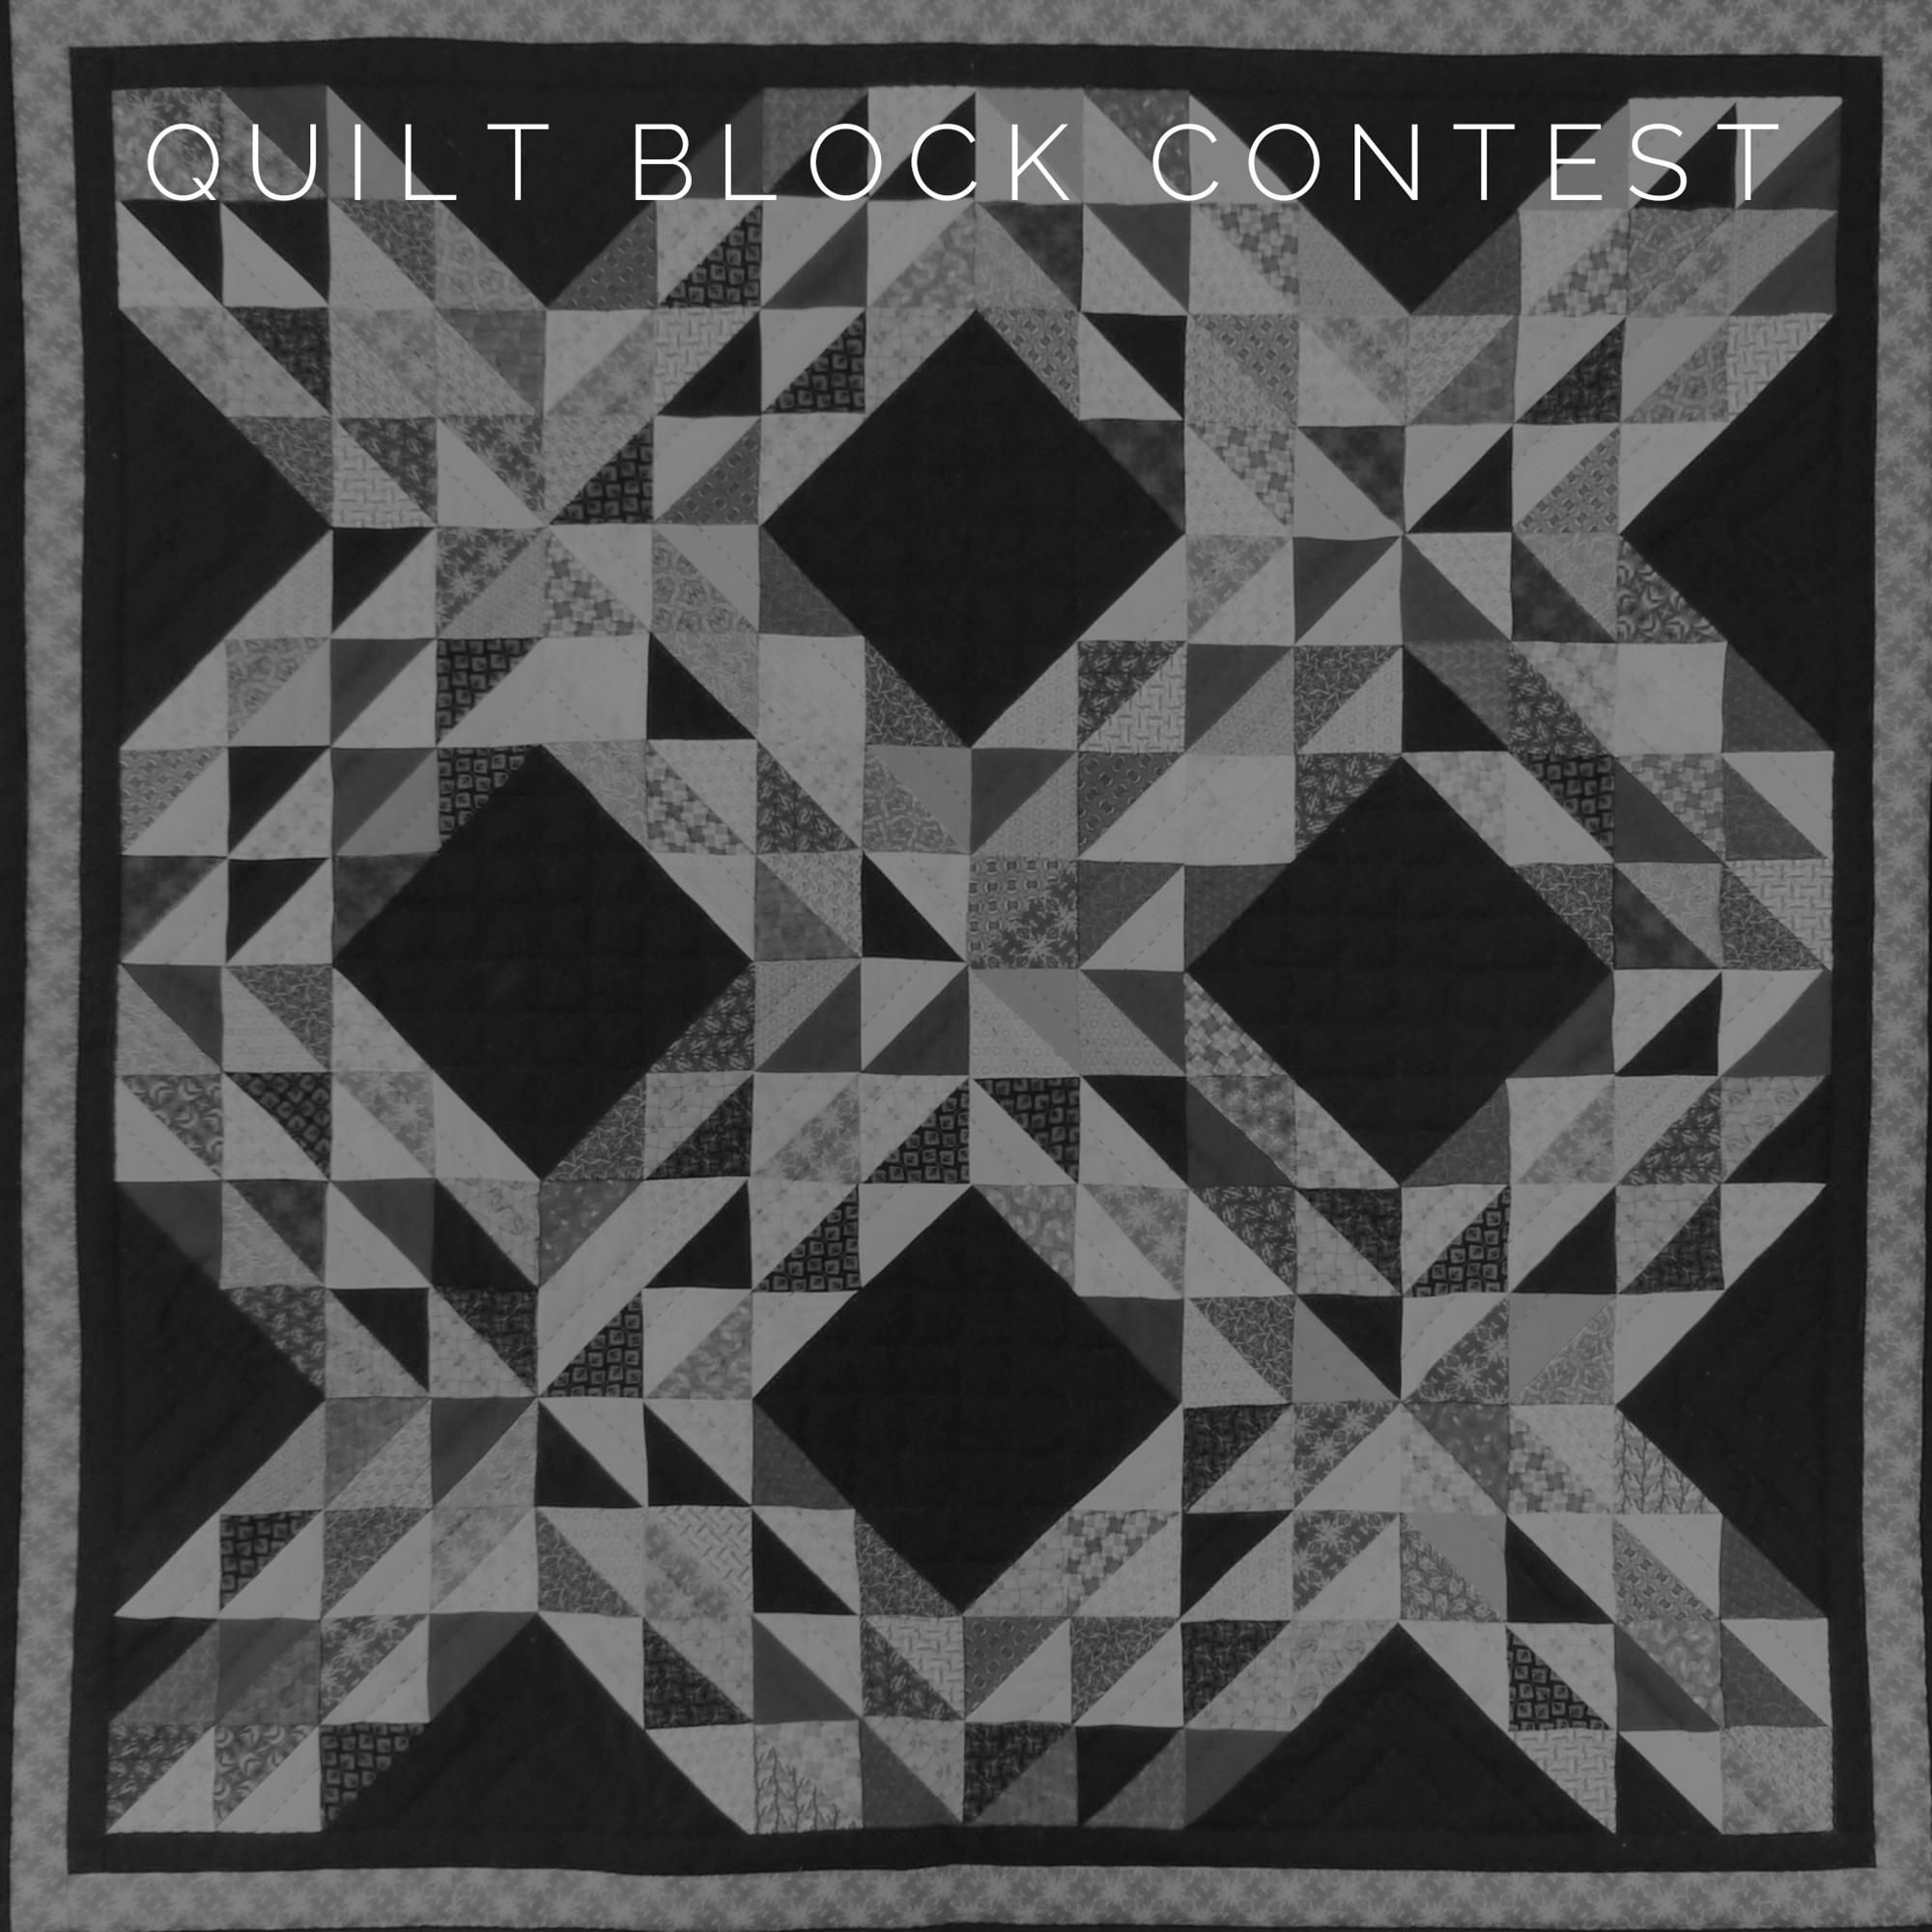 Quilt Block Contest